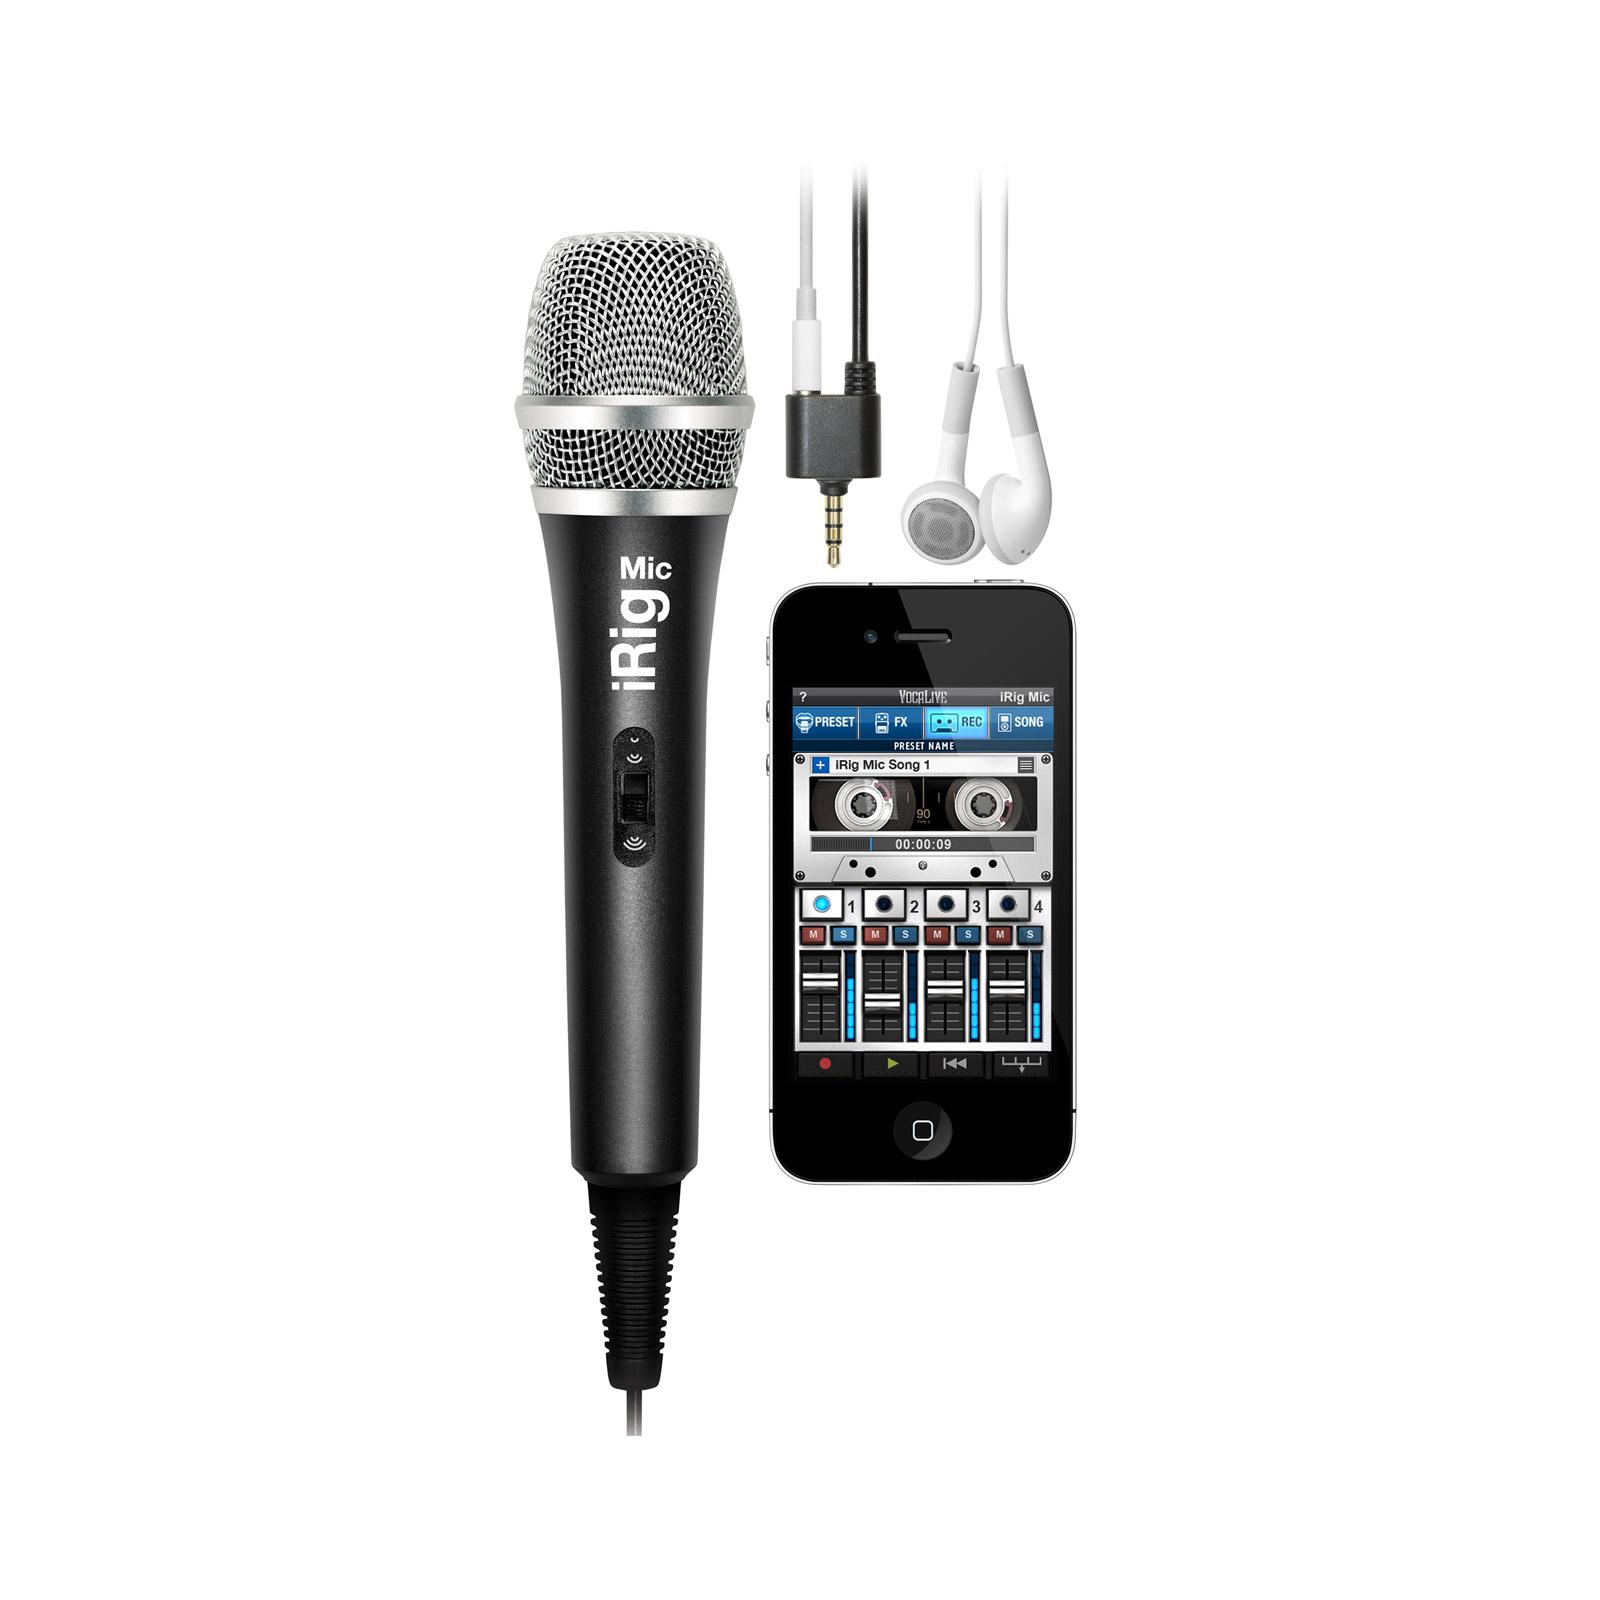 Product L'iRIG Mic est idéal pour les chanteurs et les instrumentistes en mouvement, mais aussi parfait pour enregistrer des discours, des instruments, des spectacles... /> />N'importe quelle source audio peut être enregistrée et retouchée directement sur votre appareil mobile. /> />L'iRig Mic est en mesure d'enregistrer et de reproduire avec précision les instruments acoustiques, instruments amplifiés ou bien encore les performances live de n'importe quel groupe en concert. /> />iRig Mic est compatible avec toutes les applications qui utilisent l'entrée micro de l'iPhone, iPod touch ou iPad et avec les applications Android. /> />VocaLive se destine au traitement en direct de la voix, avec de nombreux effets. AmpliTube dispose d'effets pour la guitare et la basse, ainsi que des fonctions avancées d'enregistrement et de mastering. iRig Recorder est une application facile d'accès dédiée à l'enregistrement audio. /> /> />Caractéristiques principales : />- Idéal pour toutes les applications de chant ou de karaoké />- Idéal pour tous types d'enregistrements sonores ou de transformation audio />- Capsule à condensateur unidirectionnel />- Double connecteur mini-jack pour branchement sur casque, haut-parleurs />- Boîtier métallique robuste />- Peut être placé sur un support standard de micro />- Compatible avec tous les iPhone, iPod touch (avec entrée micro) et iPad.